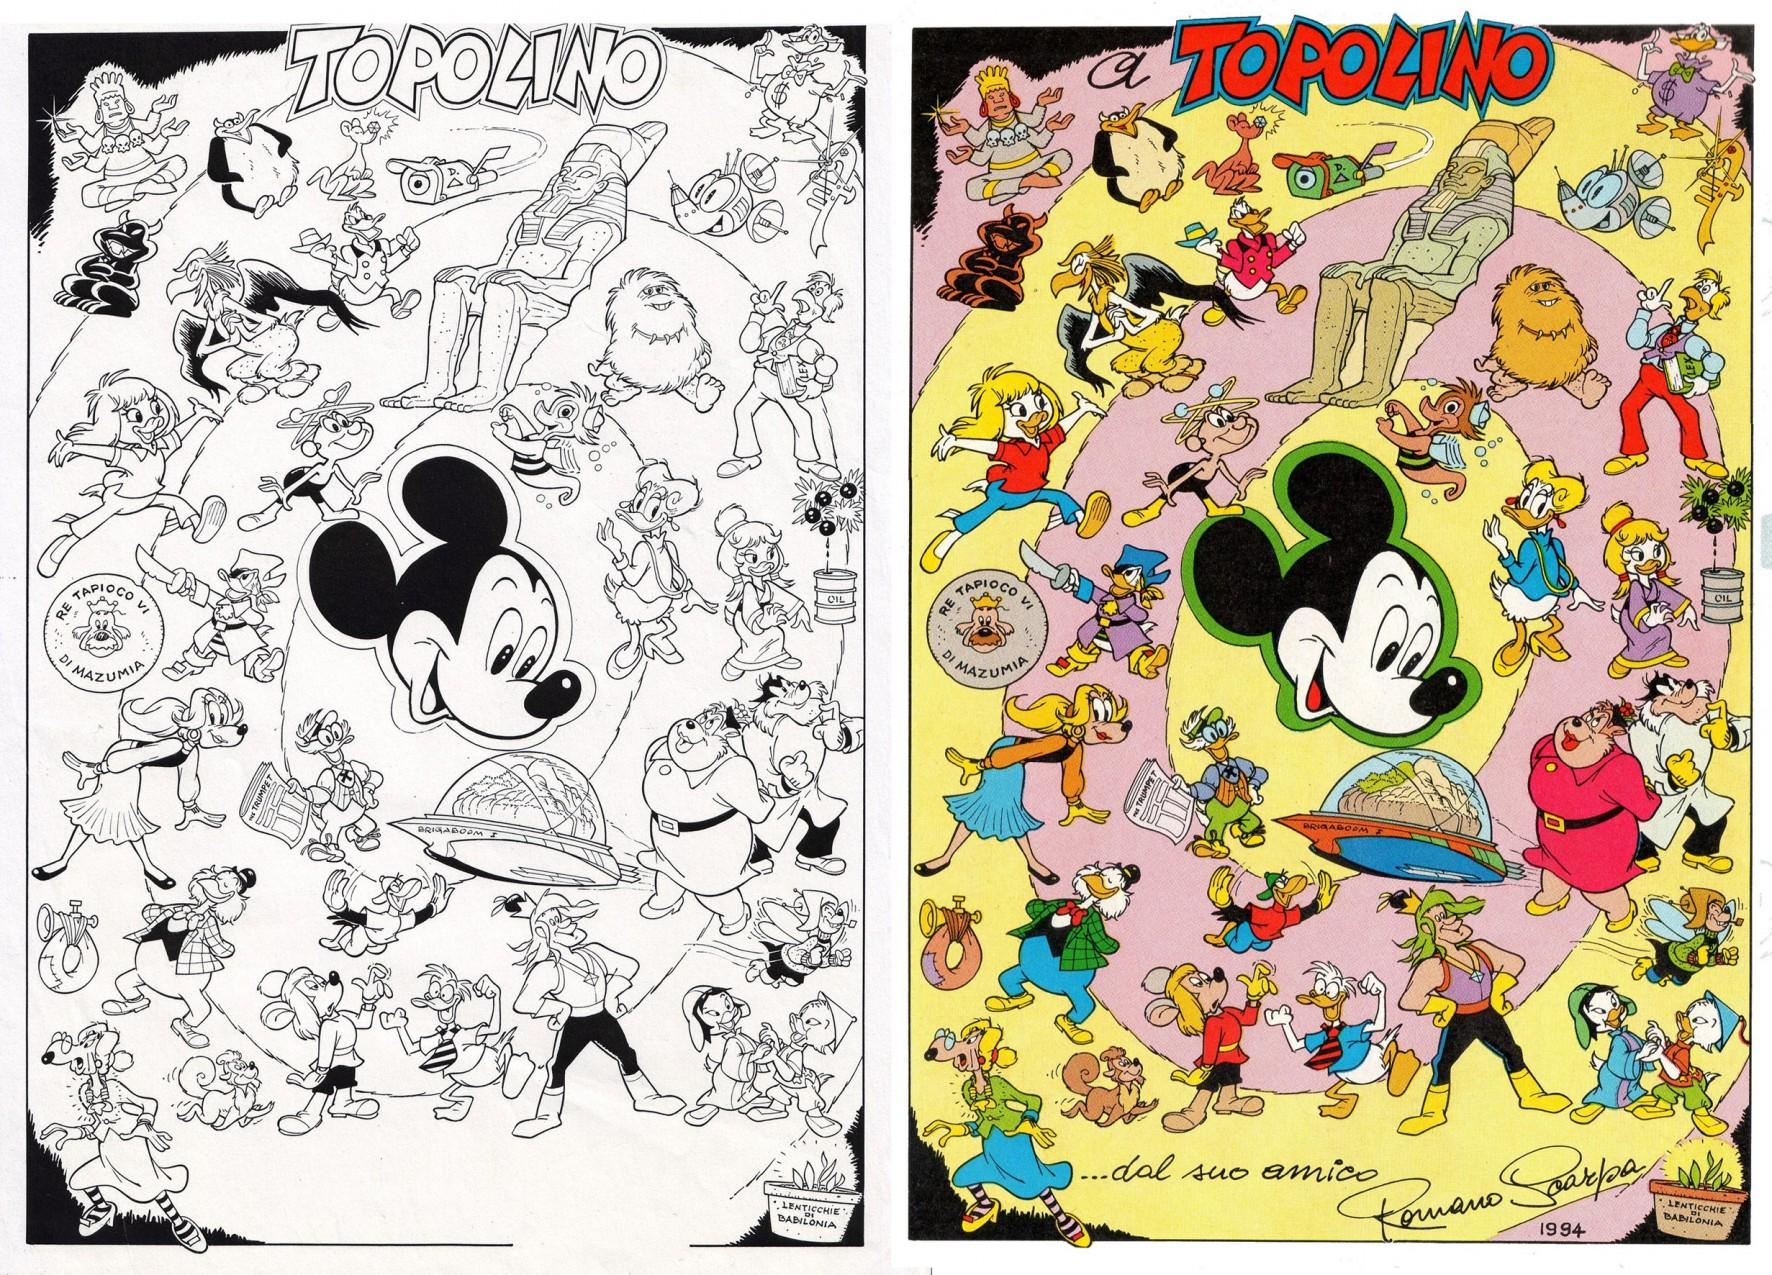 Topolino n. 2000 - Tutti i personaggi di Scarpa - - pagina pubblicata e originale a confronto